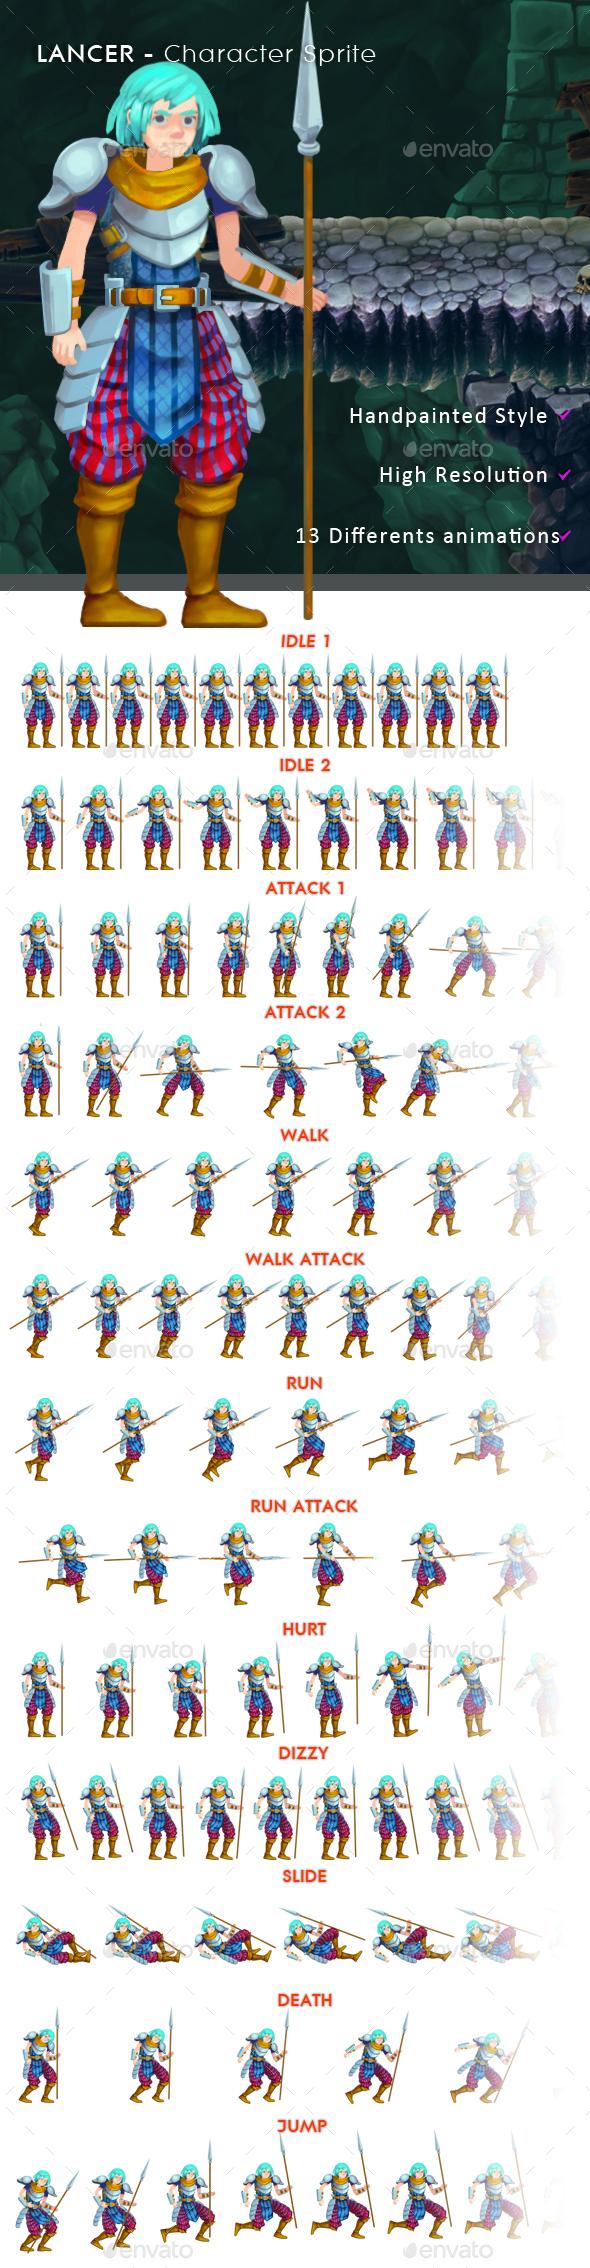 Lancer - Character Sprite - Sprites Game Assets